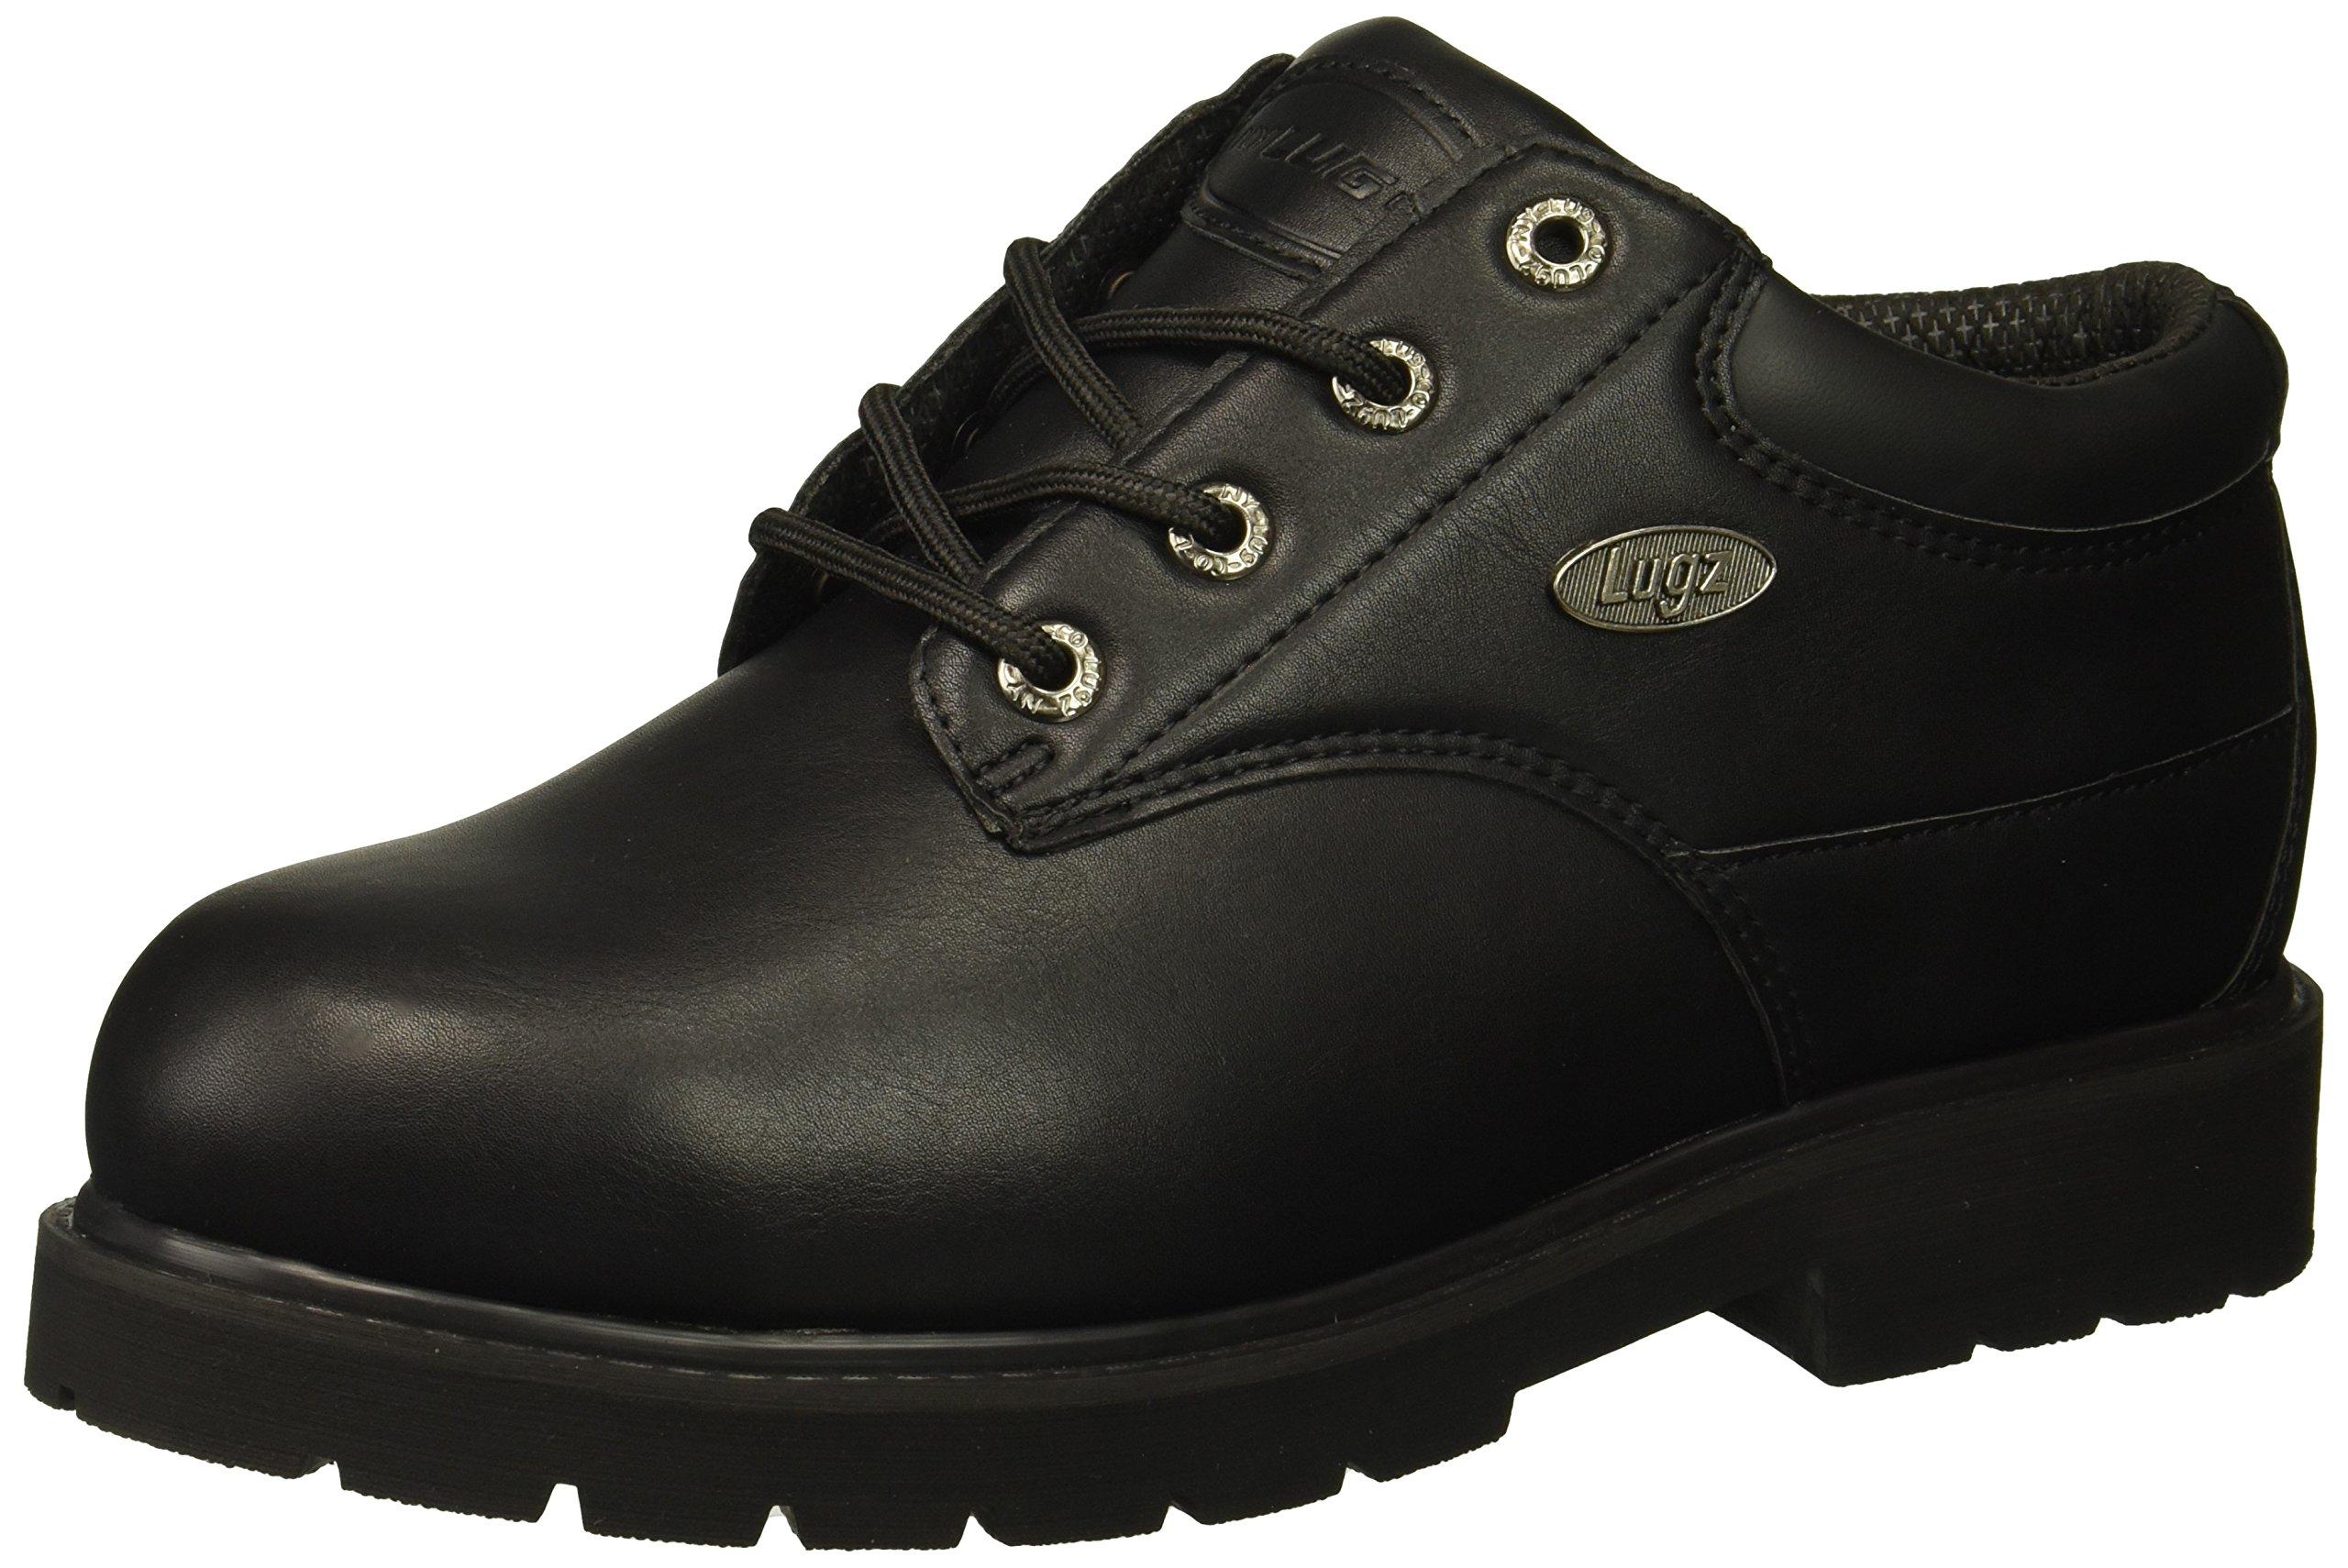 Lugz Men's Drifter Lo Steel Toe Fashion Boot, Black, 9 D US